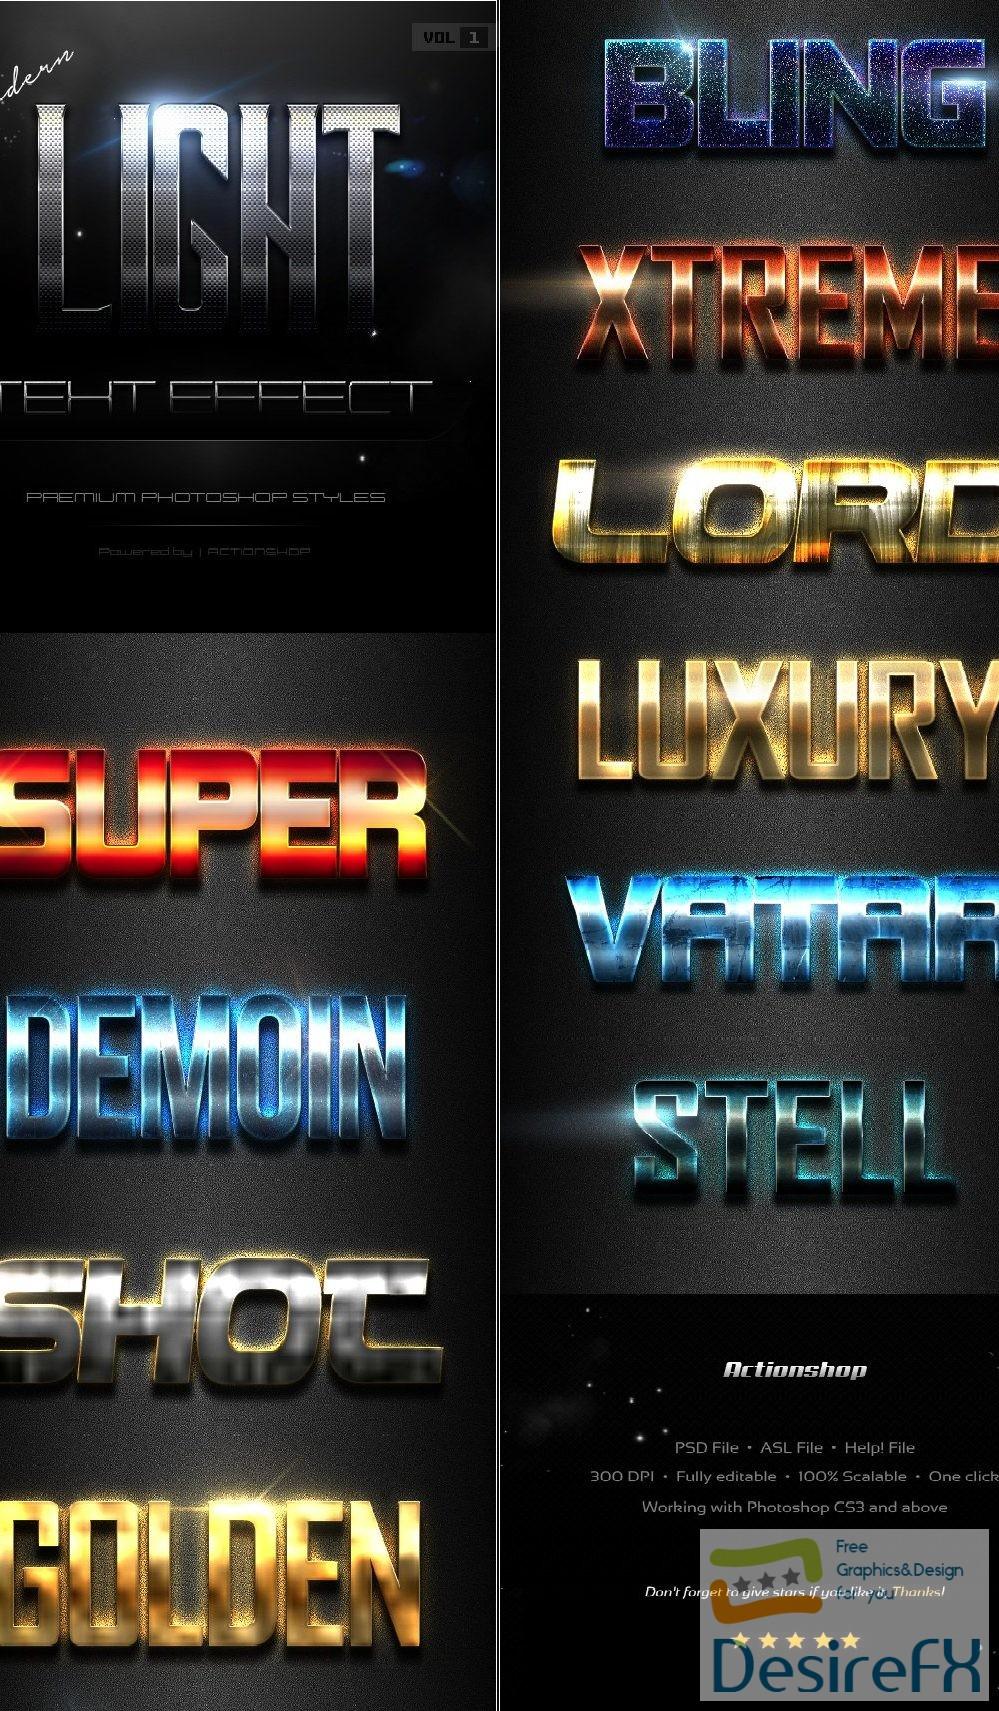 styles-asl - 10 Modern Light Text Effects Vol.1 19593145